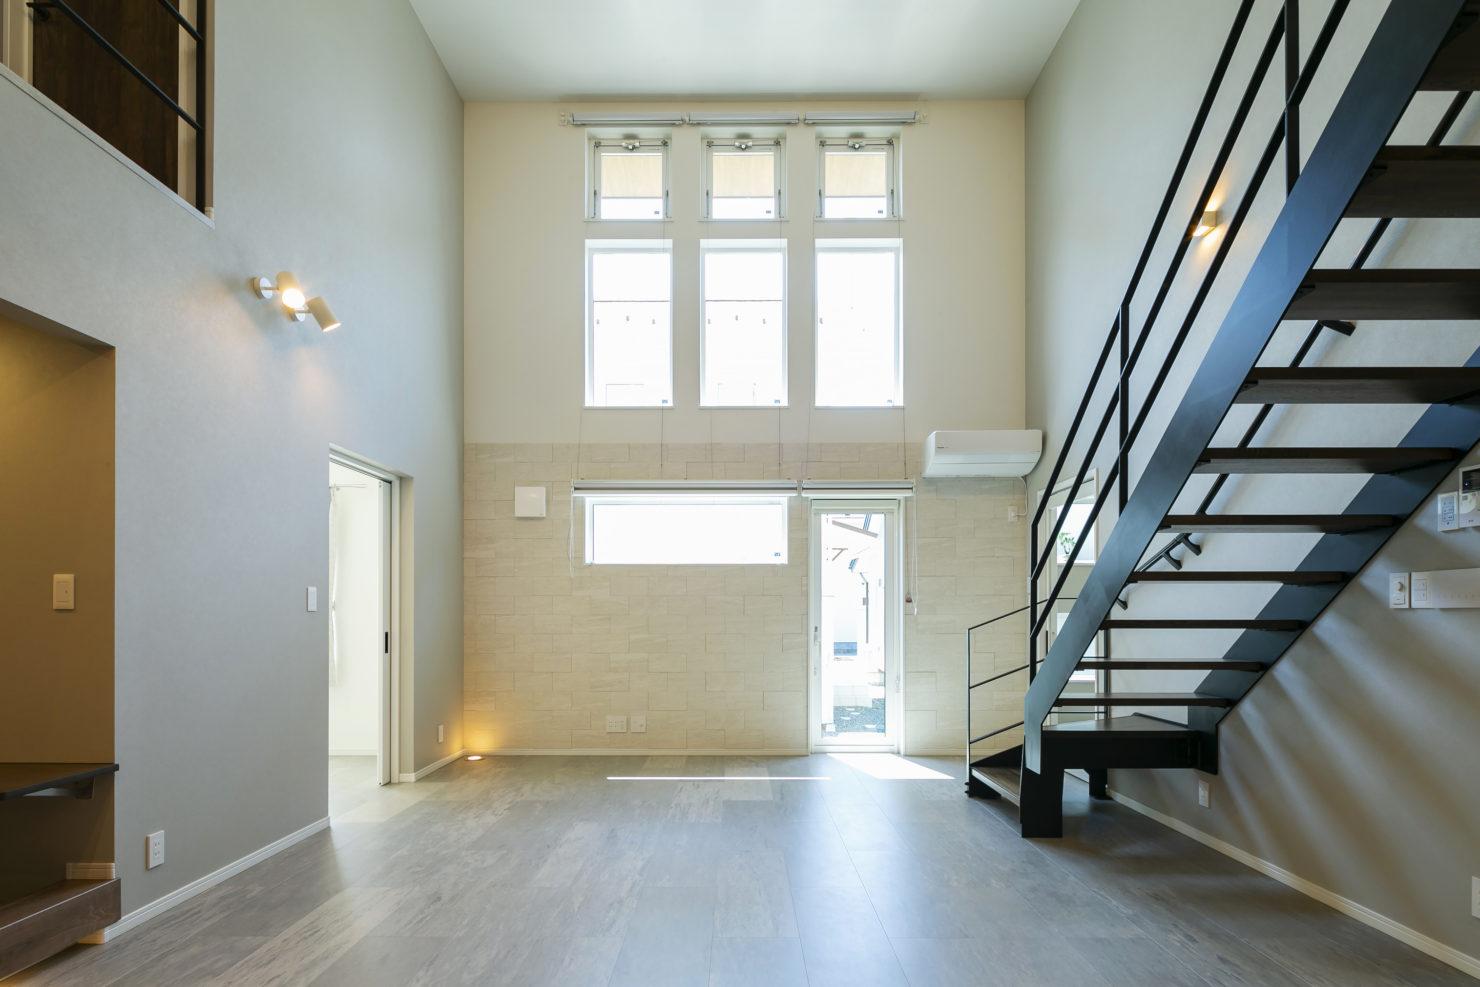 ハウスM21「3世代で快適に暮らすインナーガレージ併設住宅」吹き抜け写真